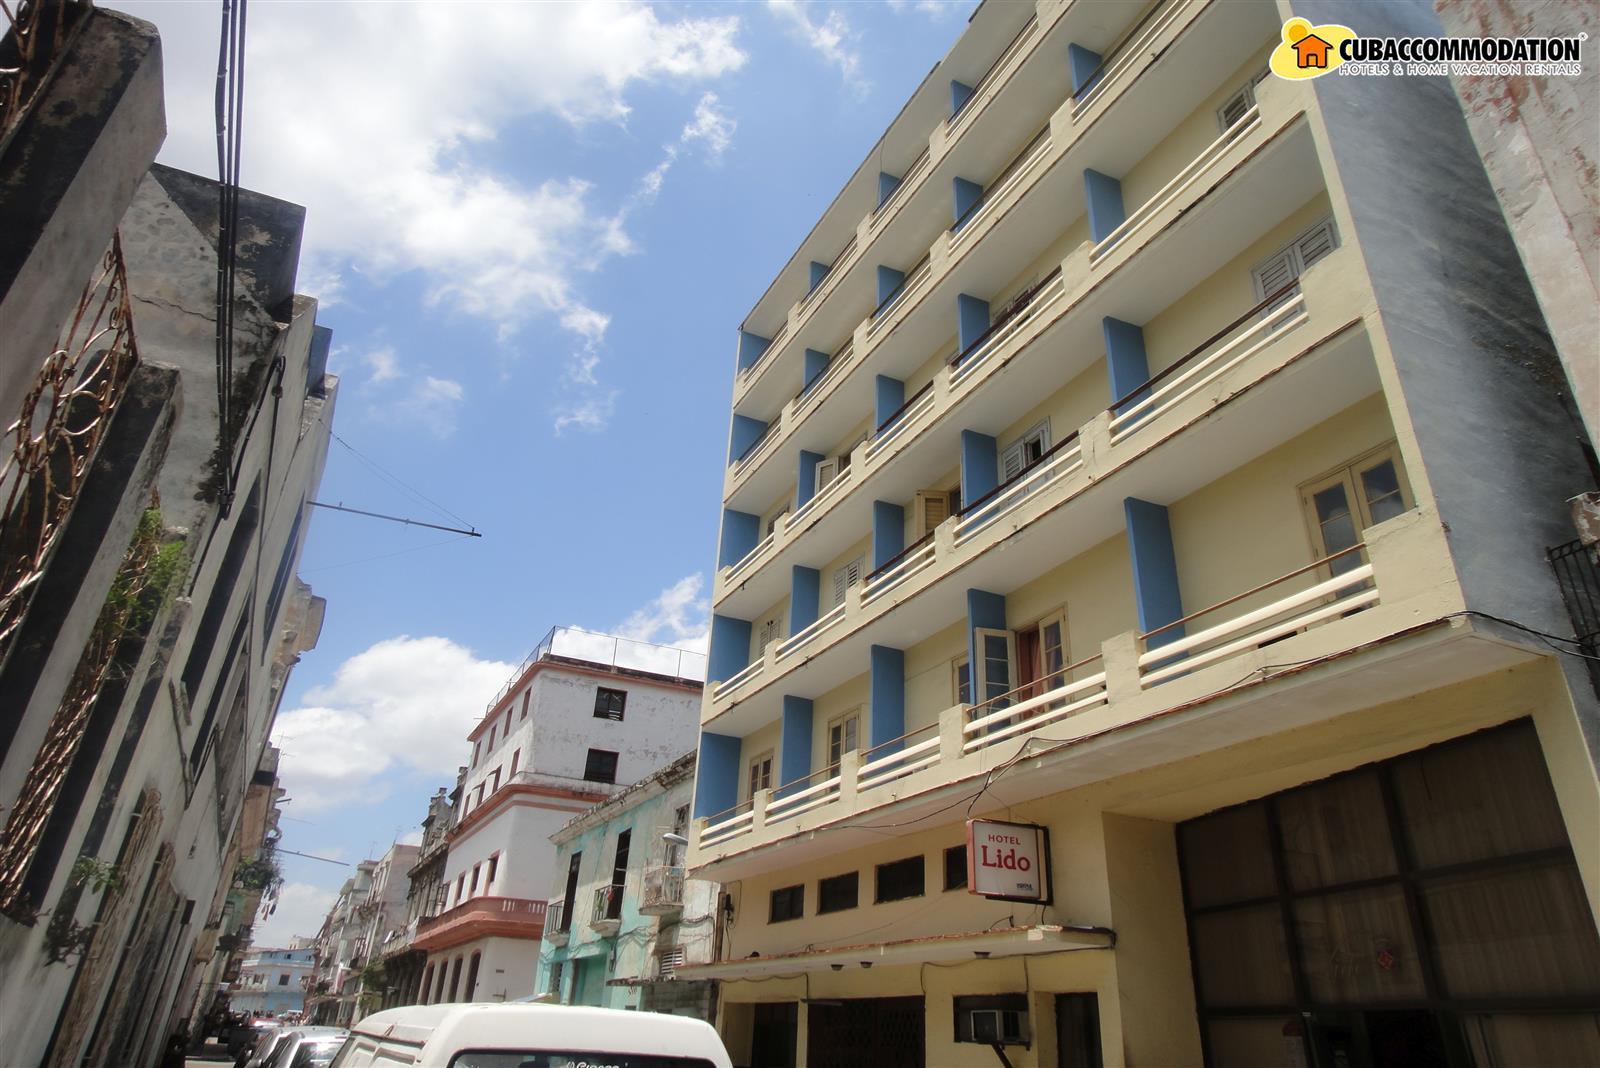 Hotels, Islazul Hotel Lido, Havana City, Centro Habana ...